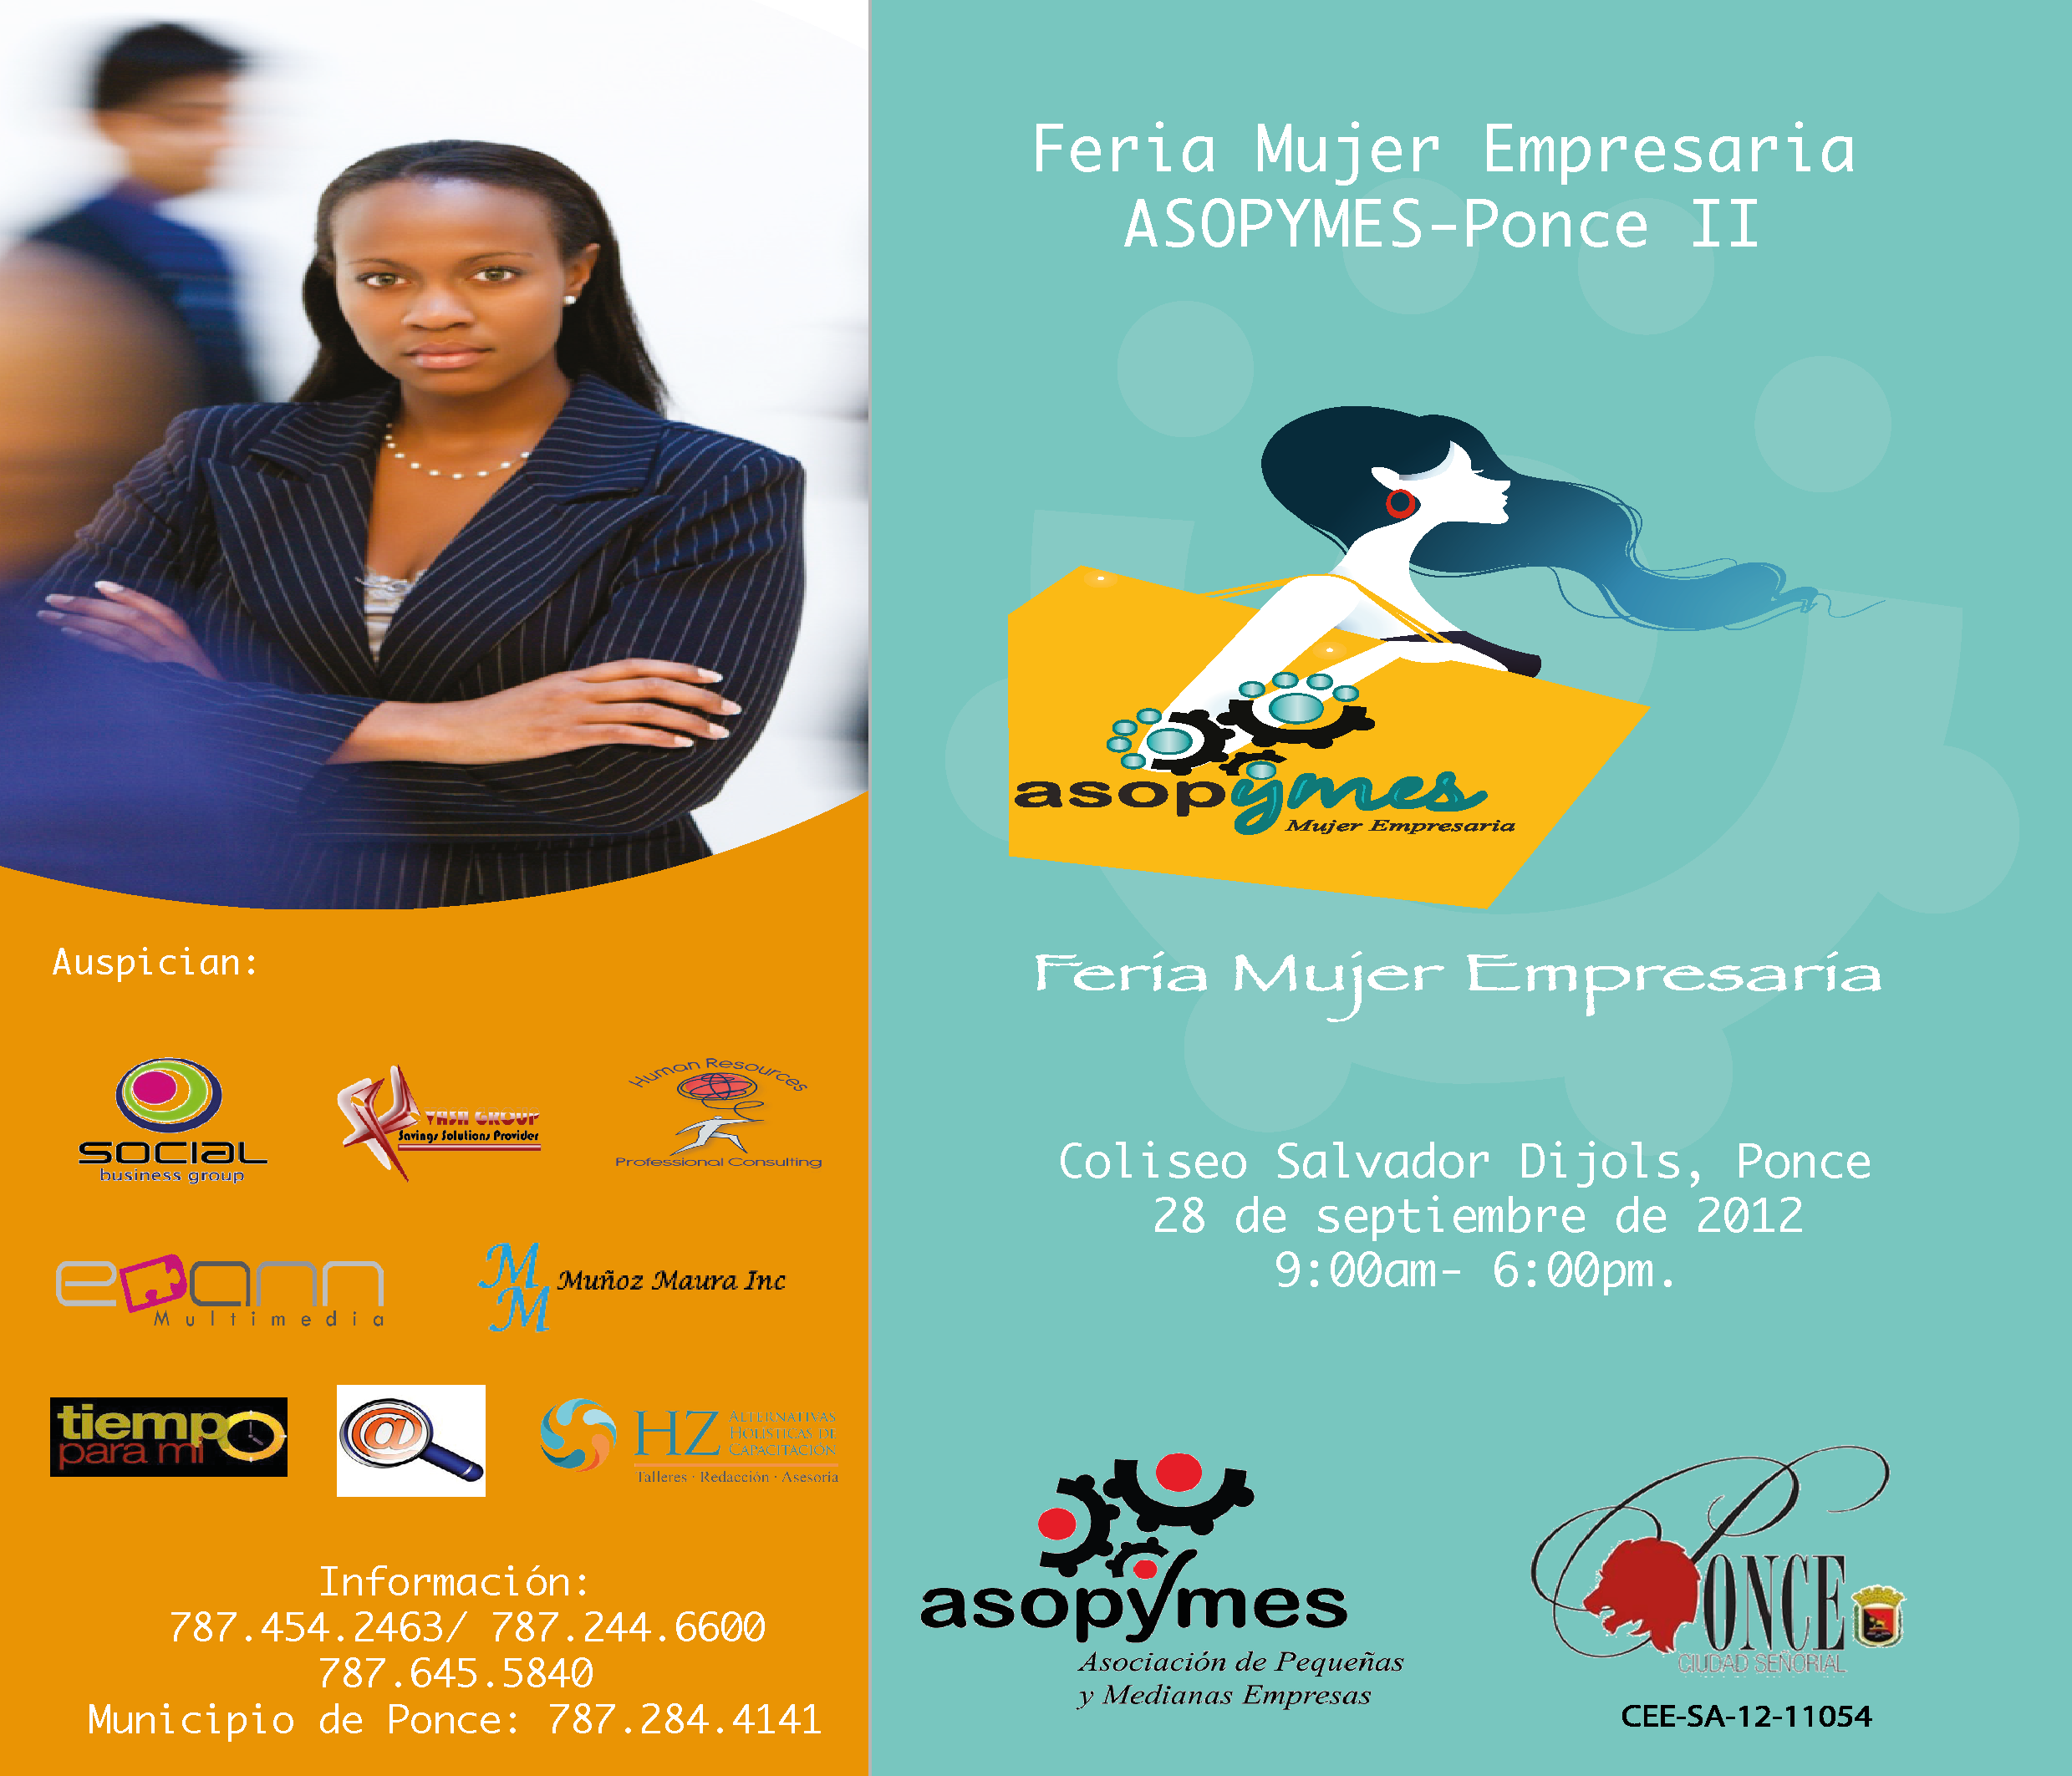 Feria Mujer Empresaria de Ponce el 28 de Septiembre....llama para participar!   Es gratis!